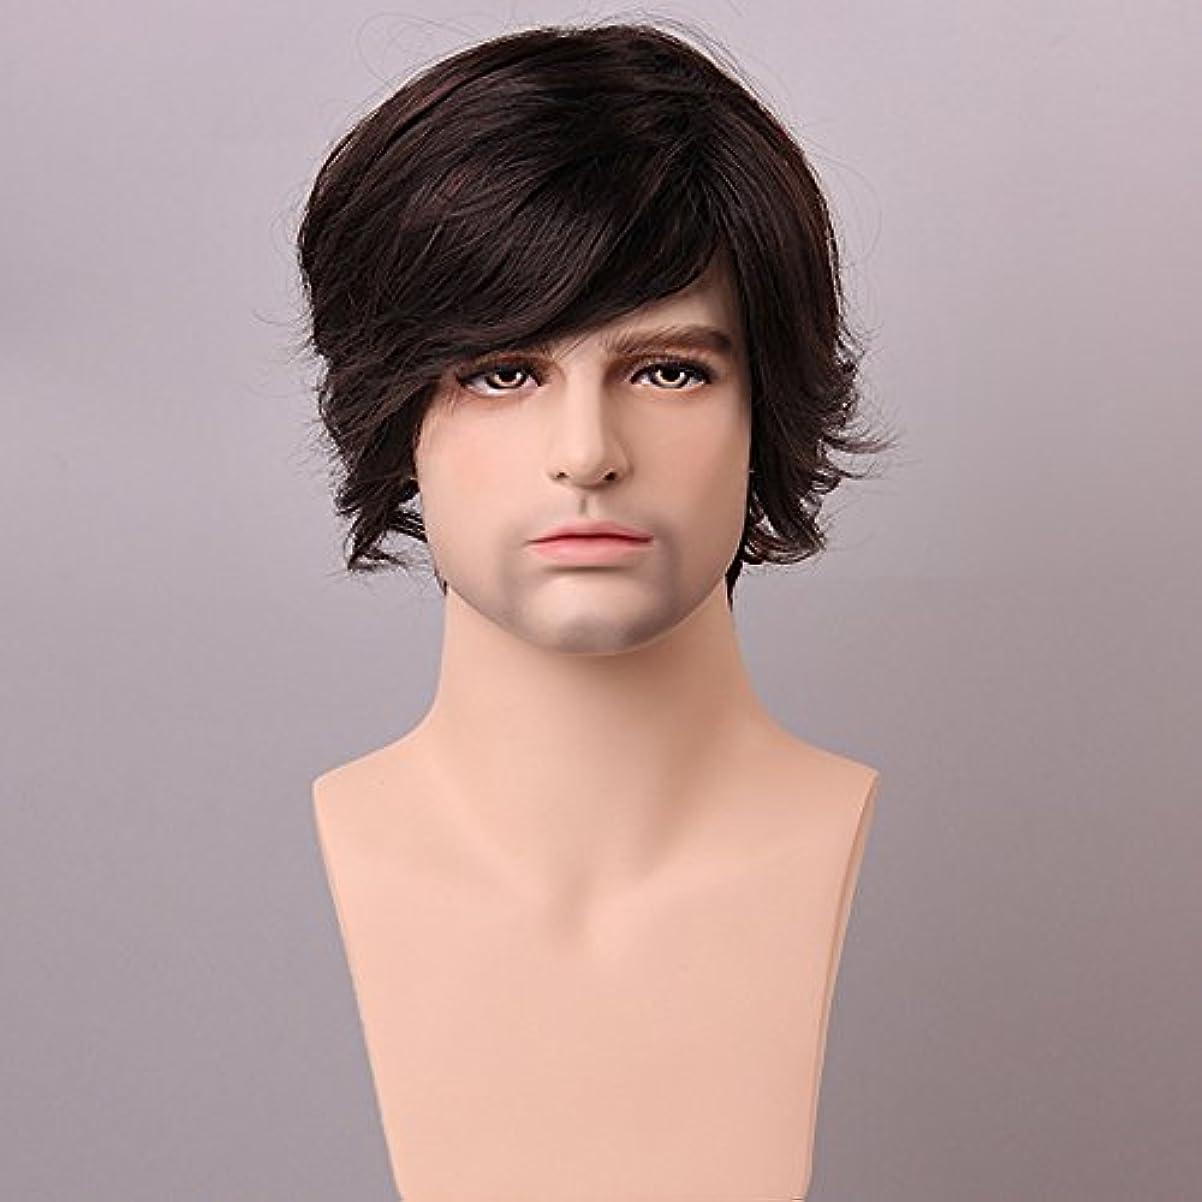 理解ゲージ解放YZUEYT ふわふわミディアムブラウン男性の人間の髪のかつら男性モノトップVirginレミーキャップレスサイドバング YZUEYT (Size : One size)